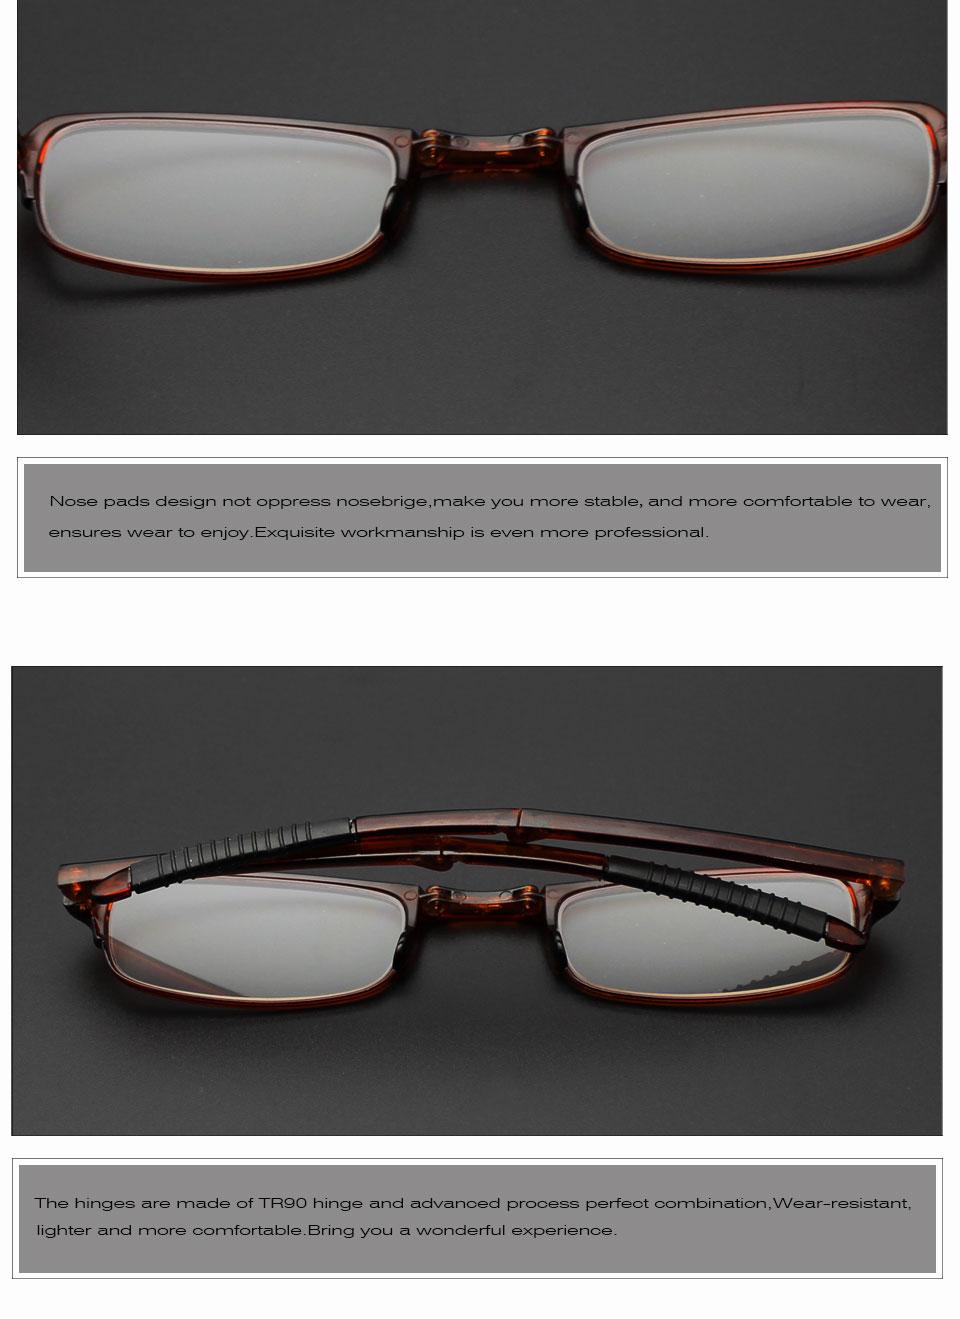 543a404d9d La caja de gafas ha sido mejorada. Usando el caso de las gafas en la imagen  ahora.